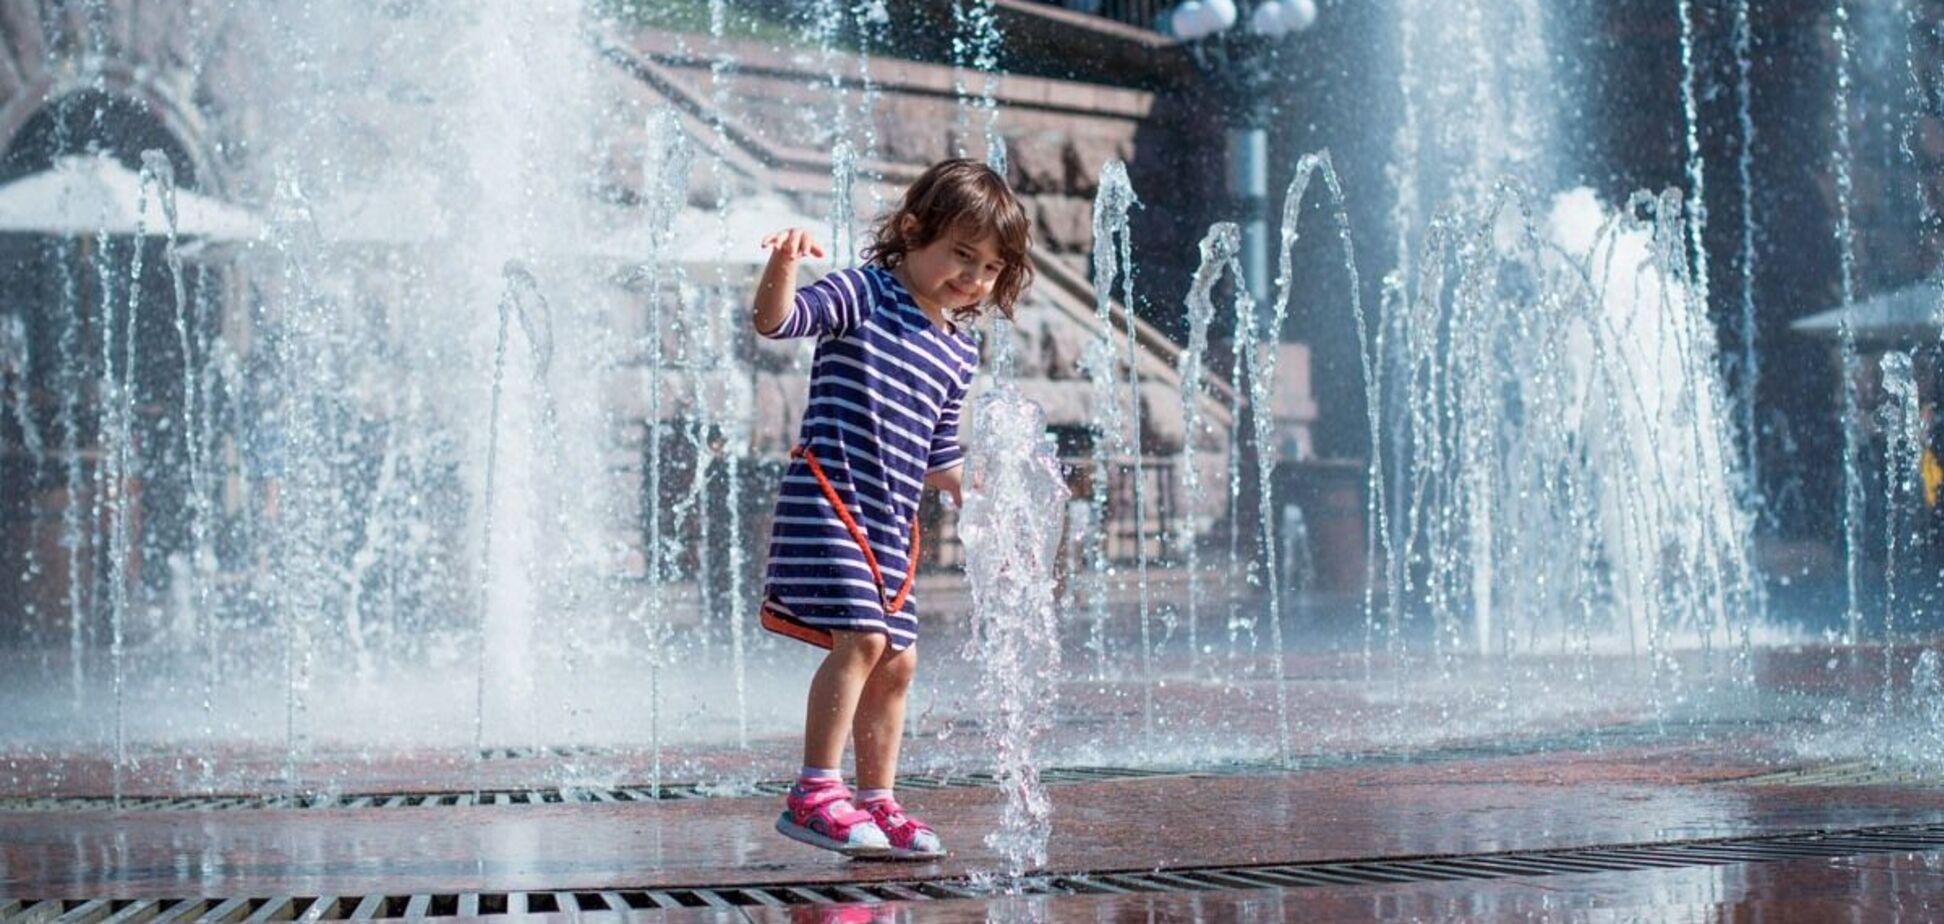 Спека триває: з'явився прогноз погоди в Дніпрі на 2 вересня